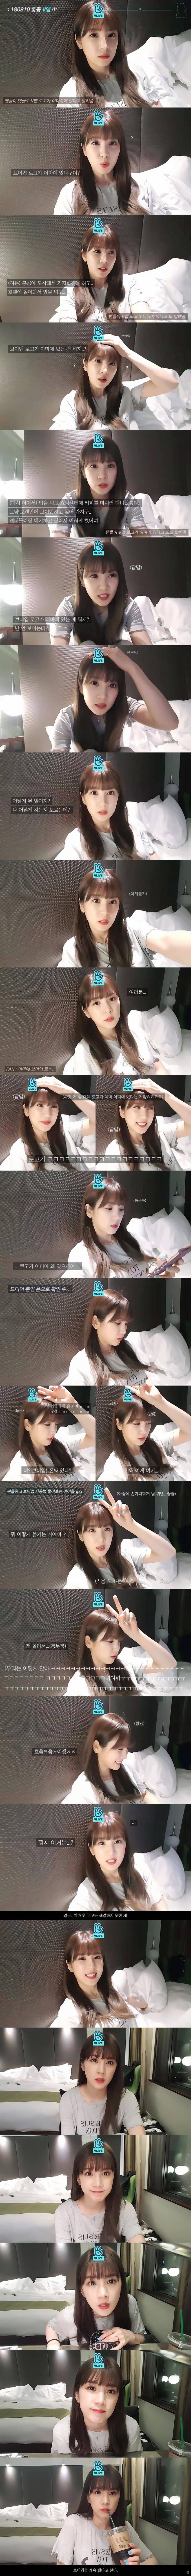 박초롱_브이앱.jpg